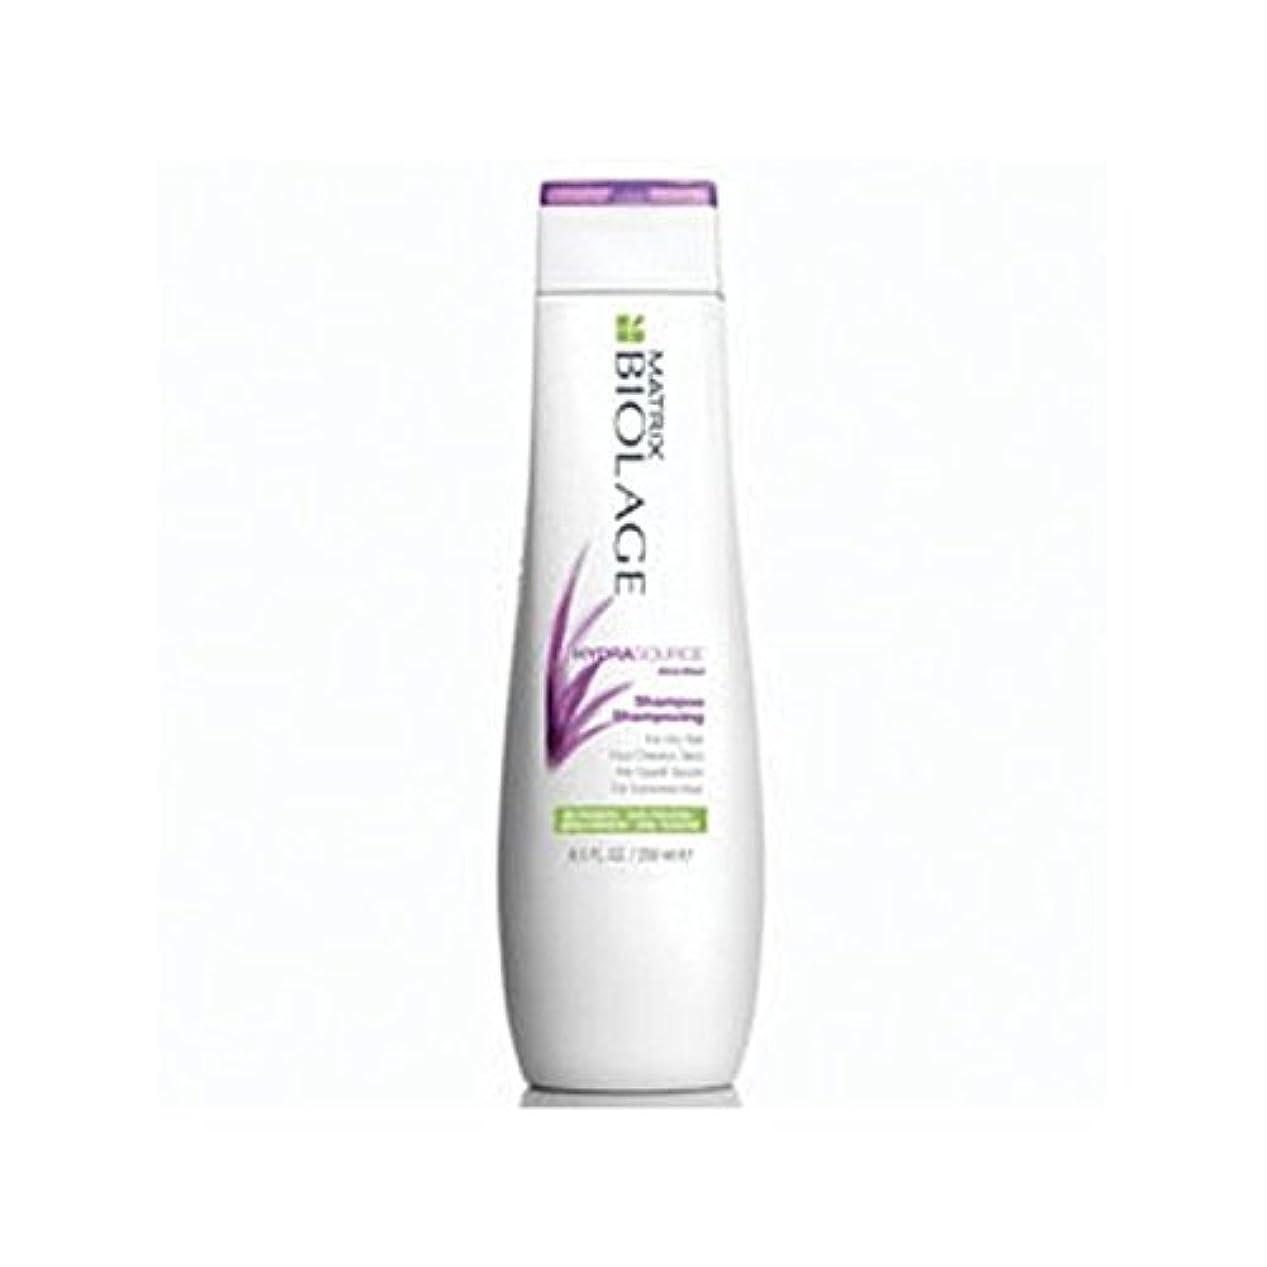 順応性硬化する春マトリックスバイオレイジのシャンプー(250ミリリットル) x4 - Matrix Biolage Hydrasource Shampoo (250ml) (Pack of 4) [並行輸入品]